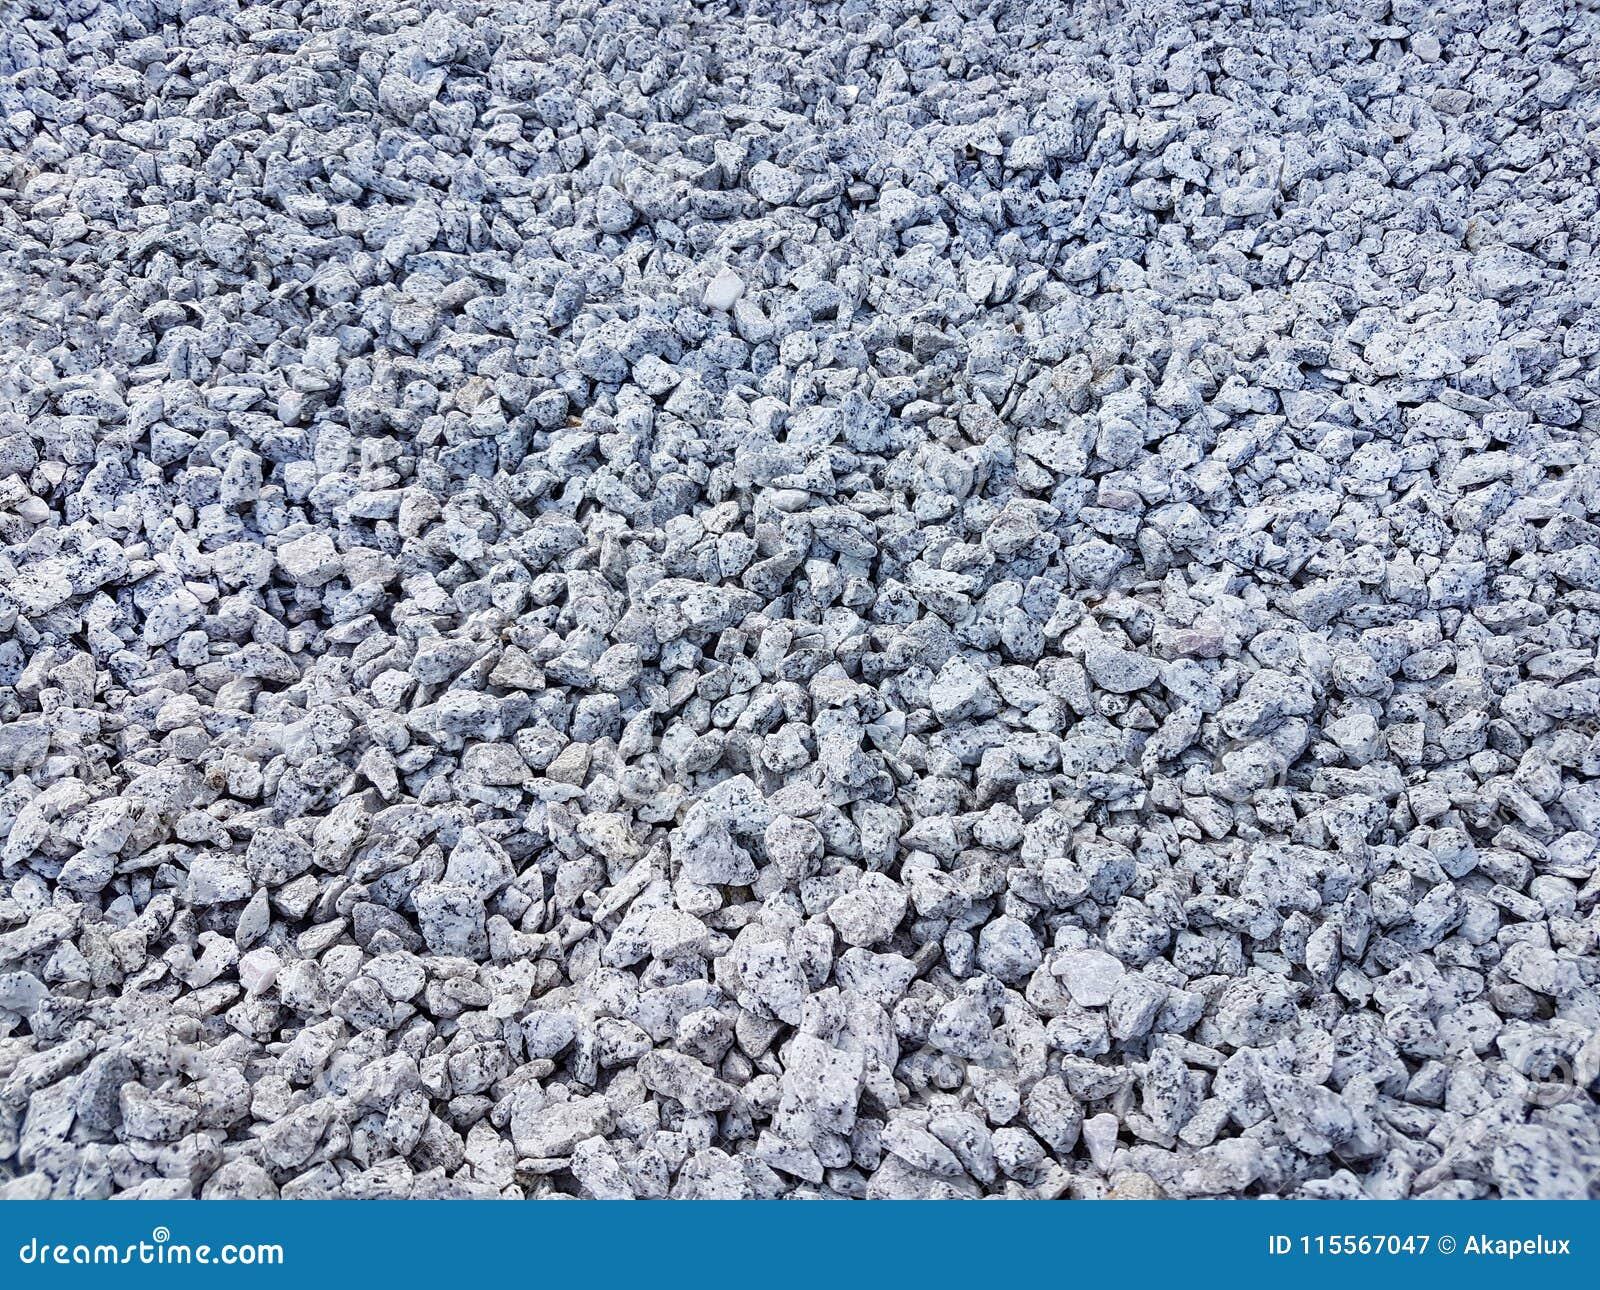 Texture : gravier écrasé par amende Soulagements artistiques des objets naturels Petites pierres blanches de craie